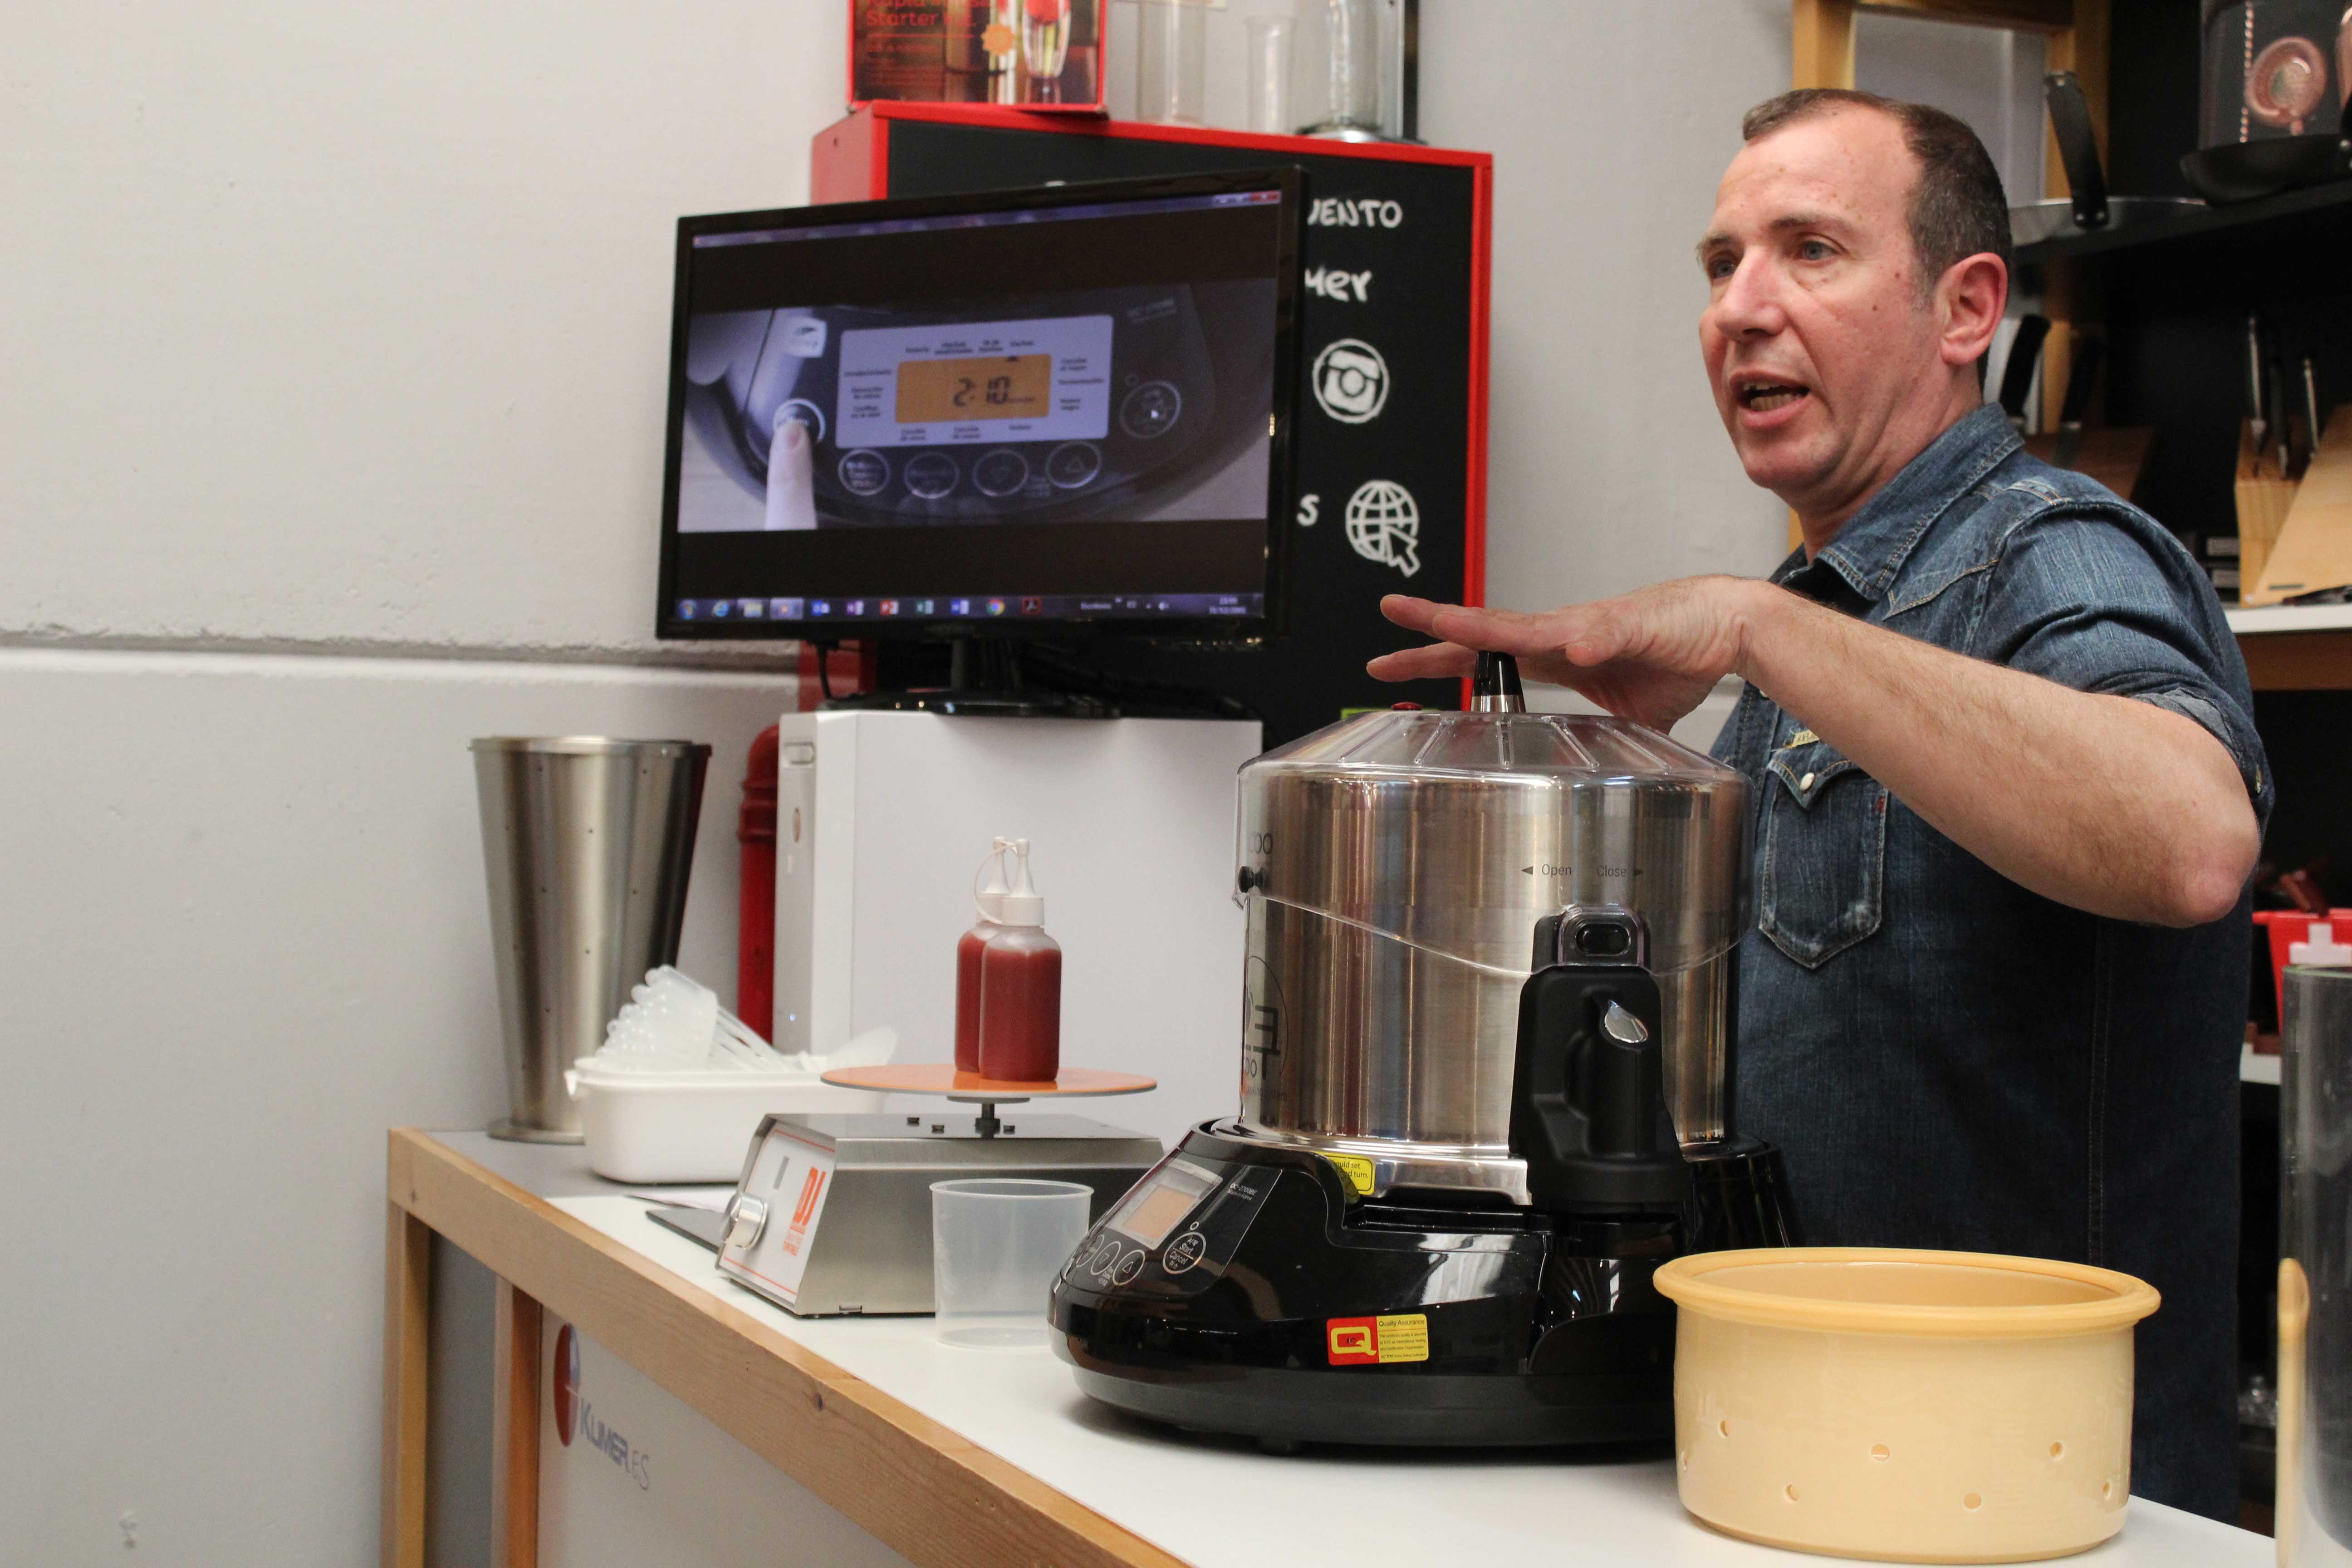 Curso de nuevas herramientas de cocina con 100x100 chef